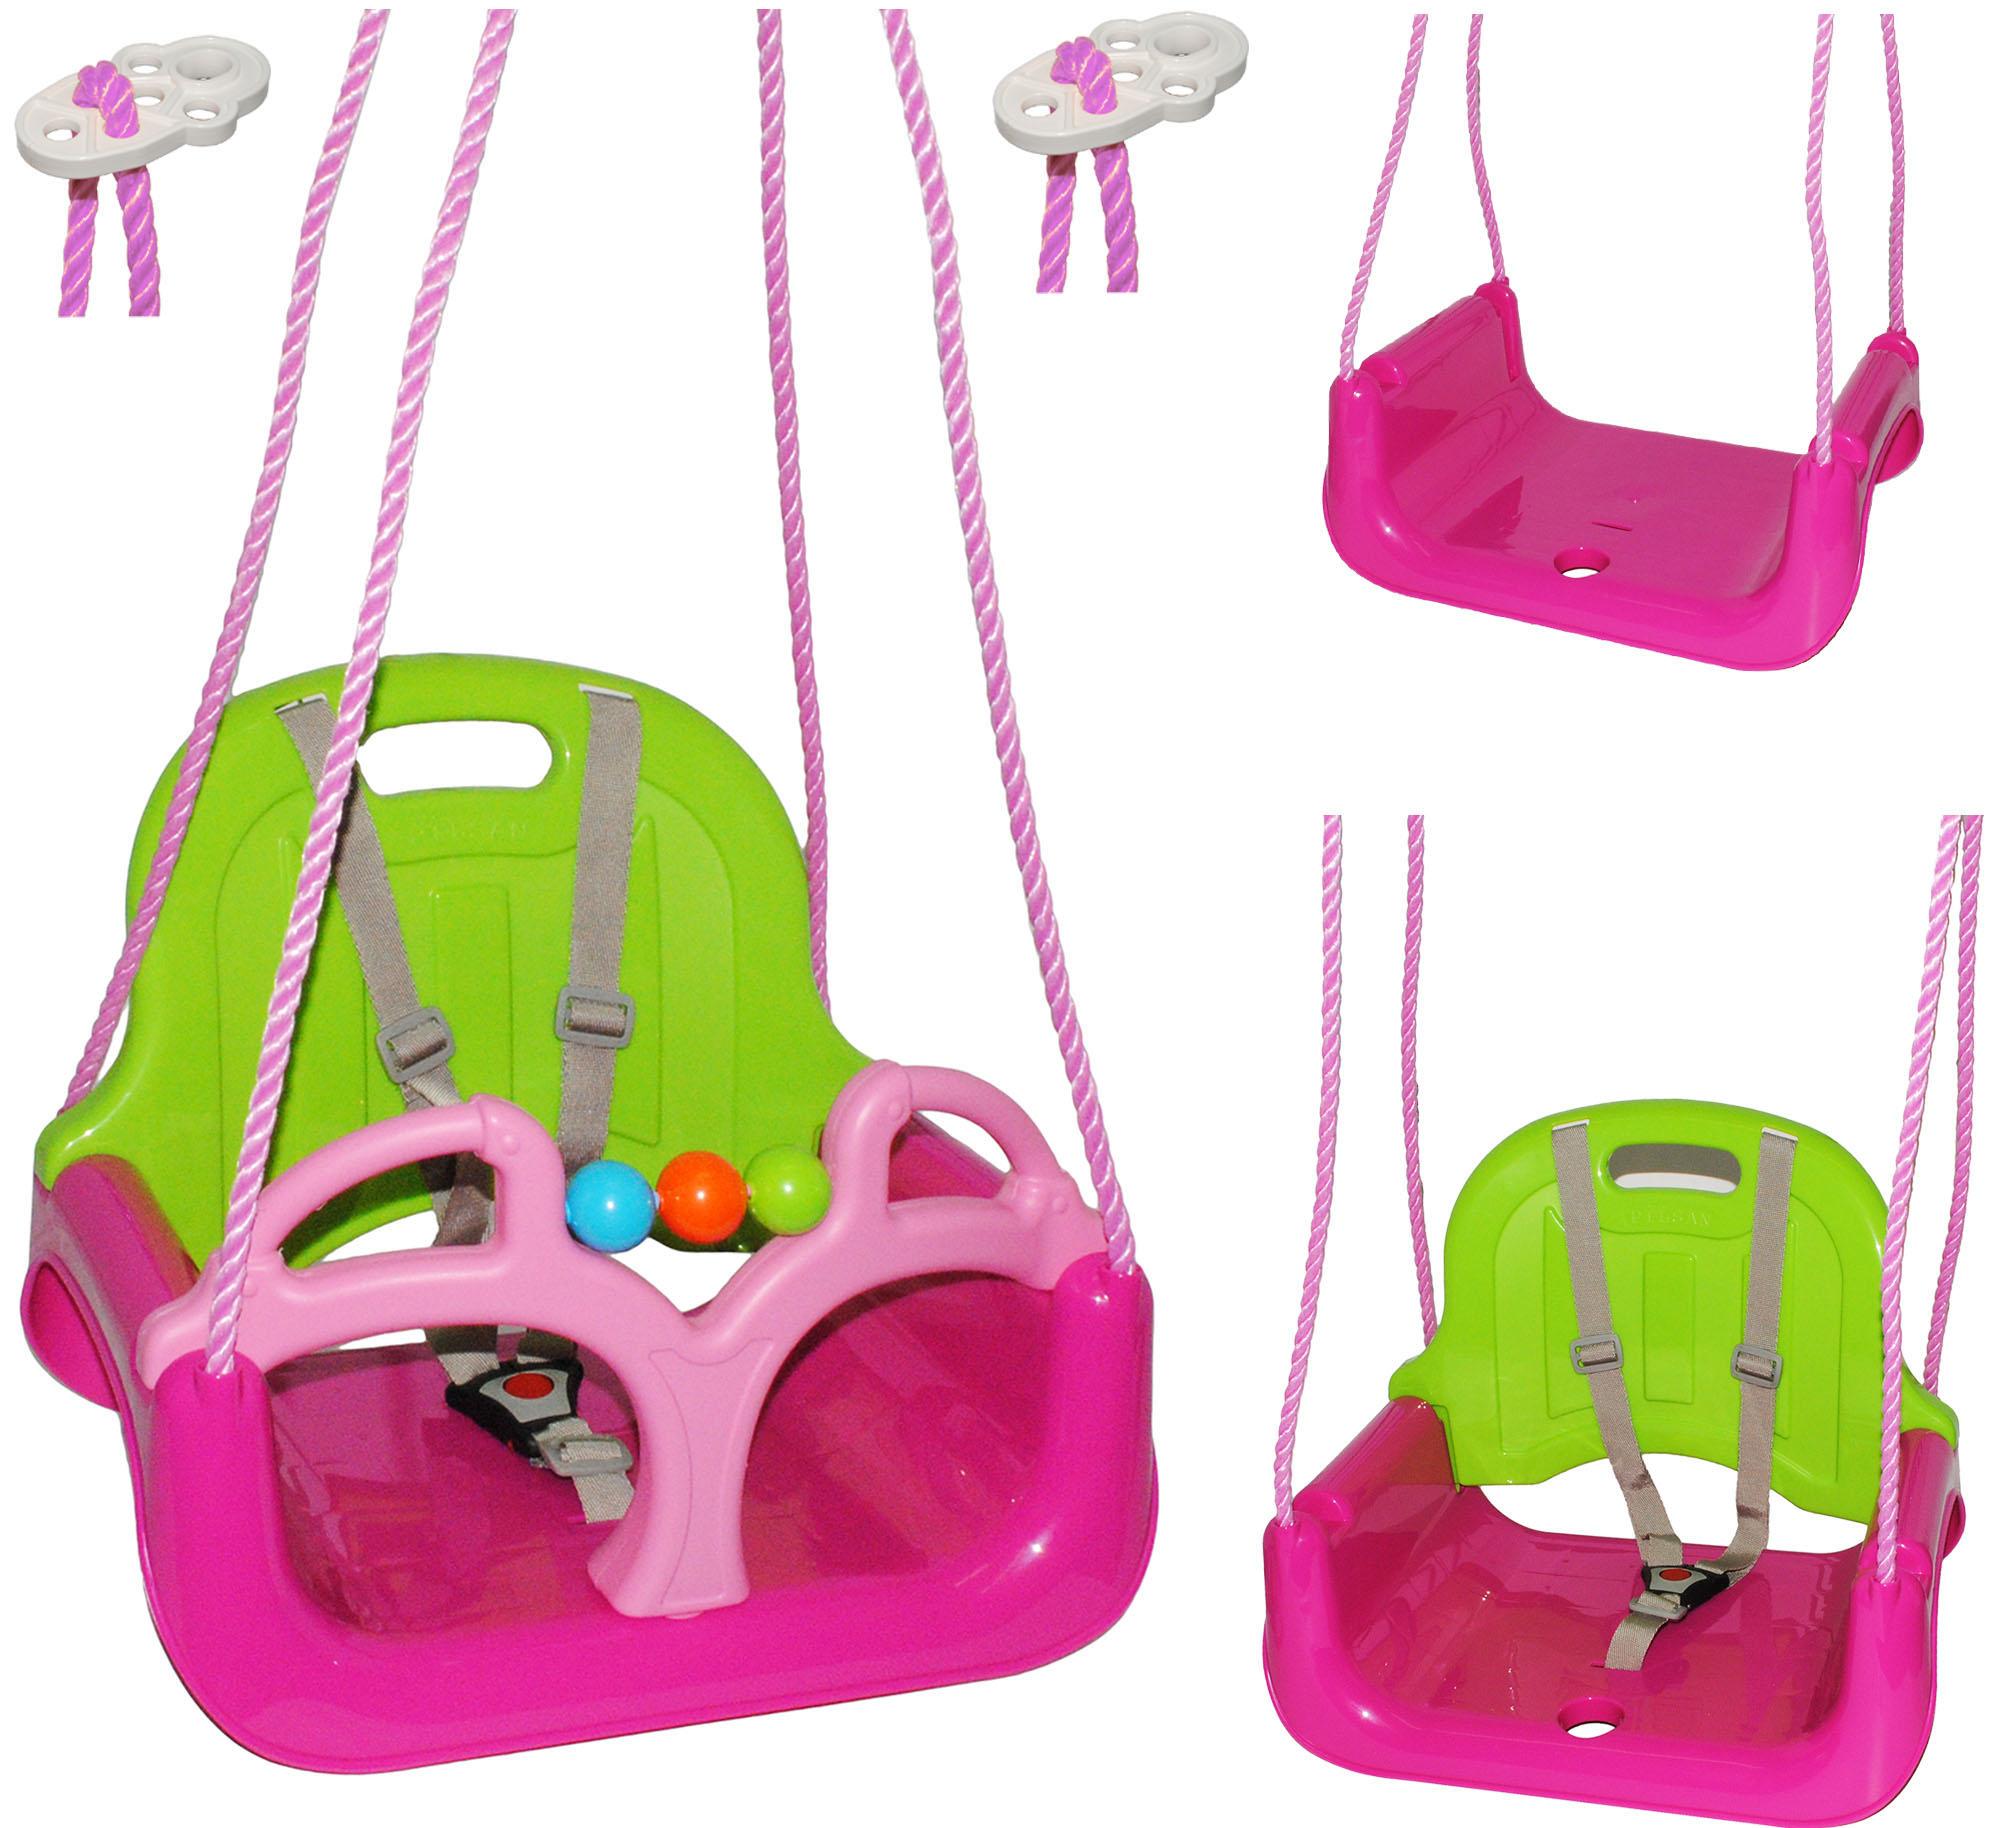 Babyschaukel-gitterschaukel-mitwachsend-amp-de-reequipar-con-cinturon-034-rosa-p miniatura 11